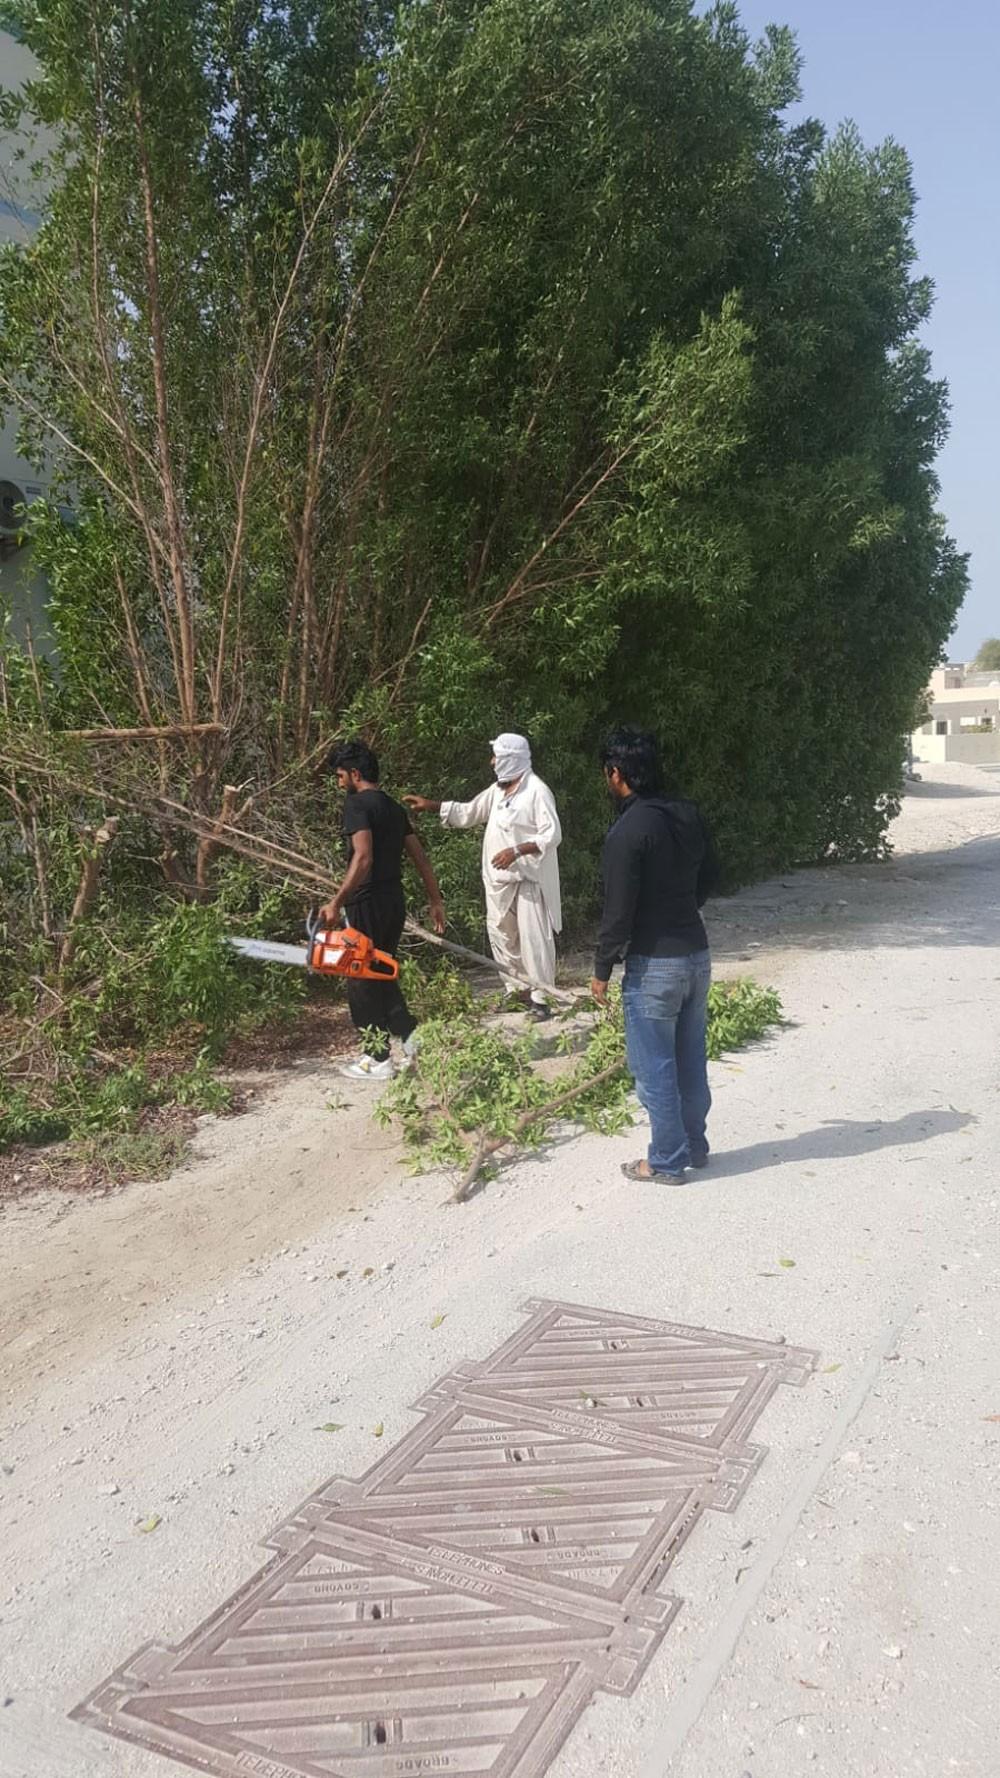 بلدية الشمالية: إزالة ٢٥ شجرة تخفي مخالفات بناء في مدينة حمد